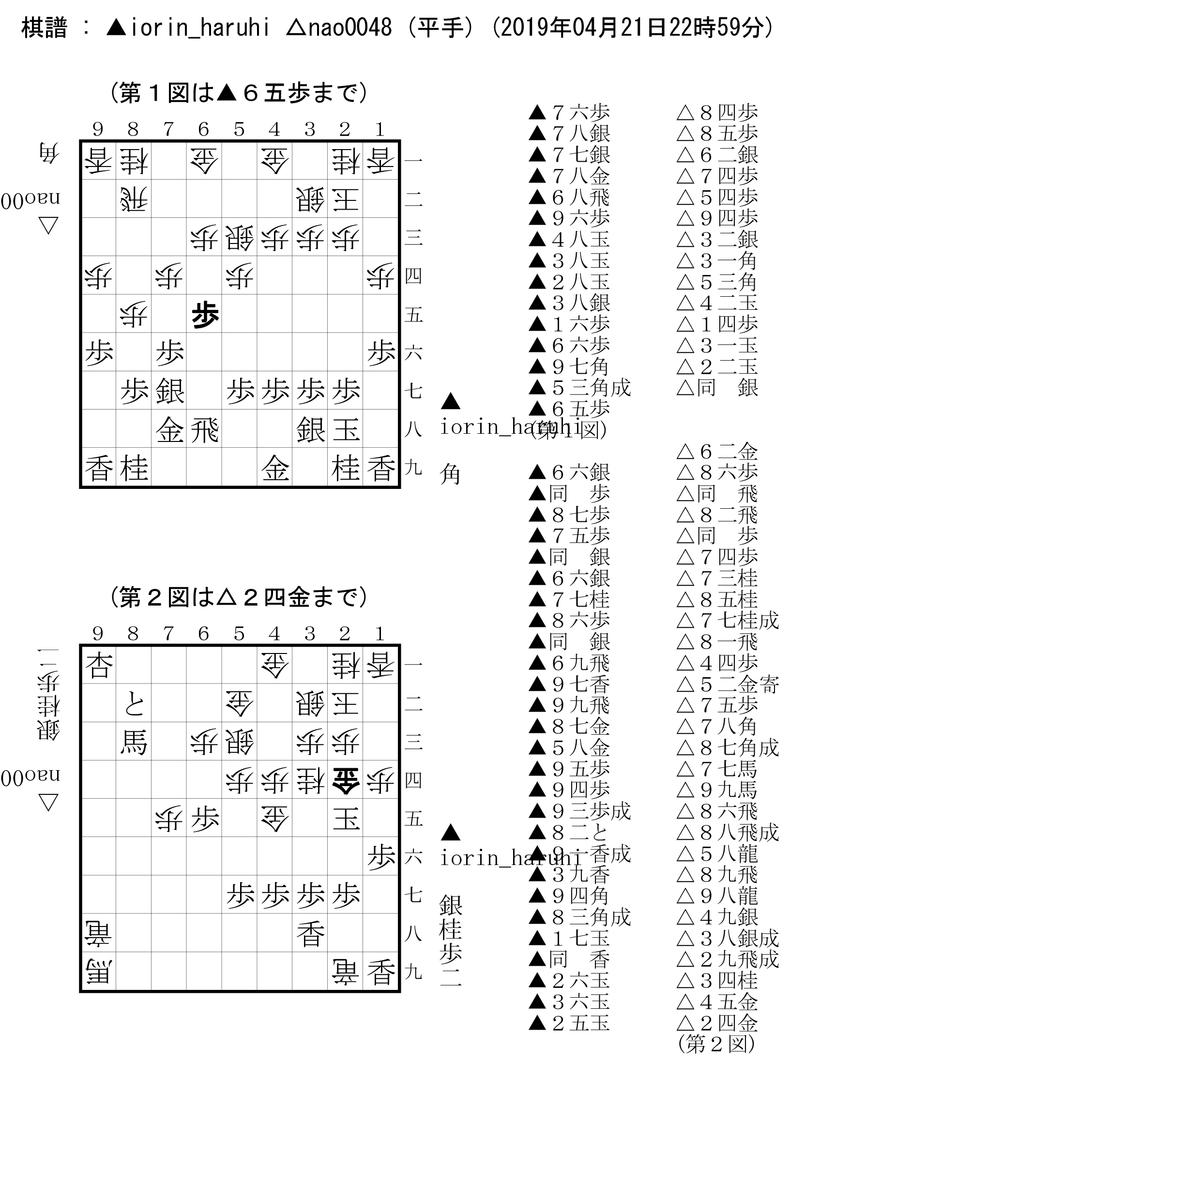 f:id:nao0048:20190421235301p:plain